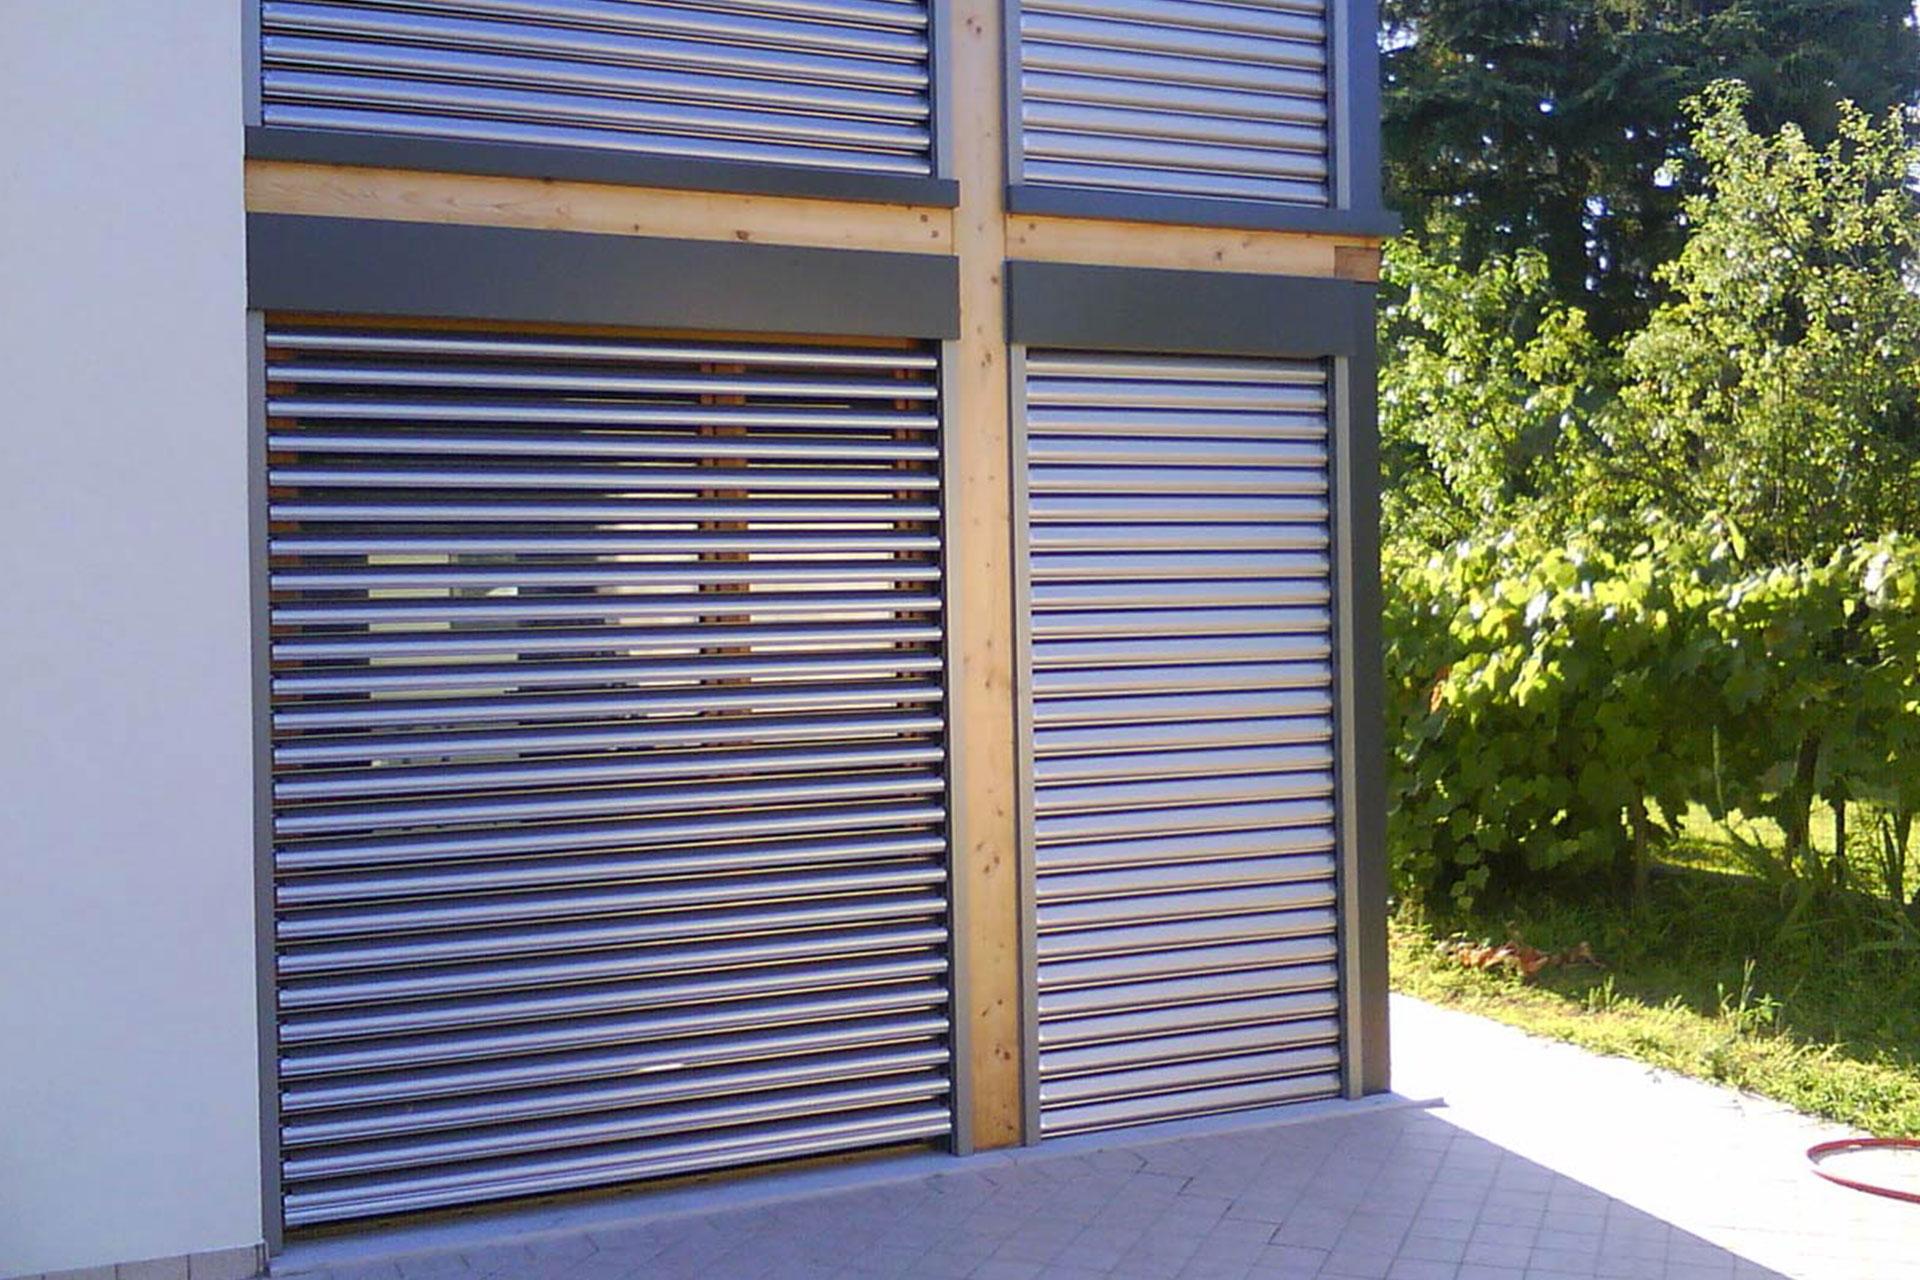 scuri persiane frangisole albo serramenti alluminio ud